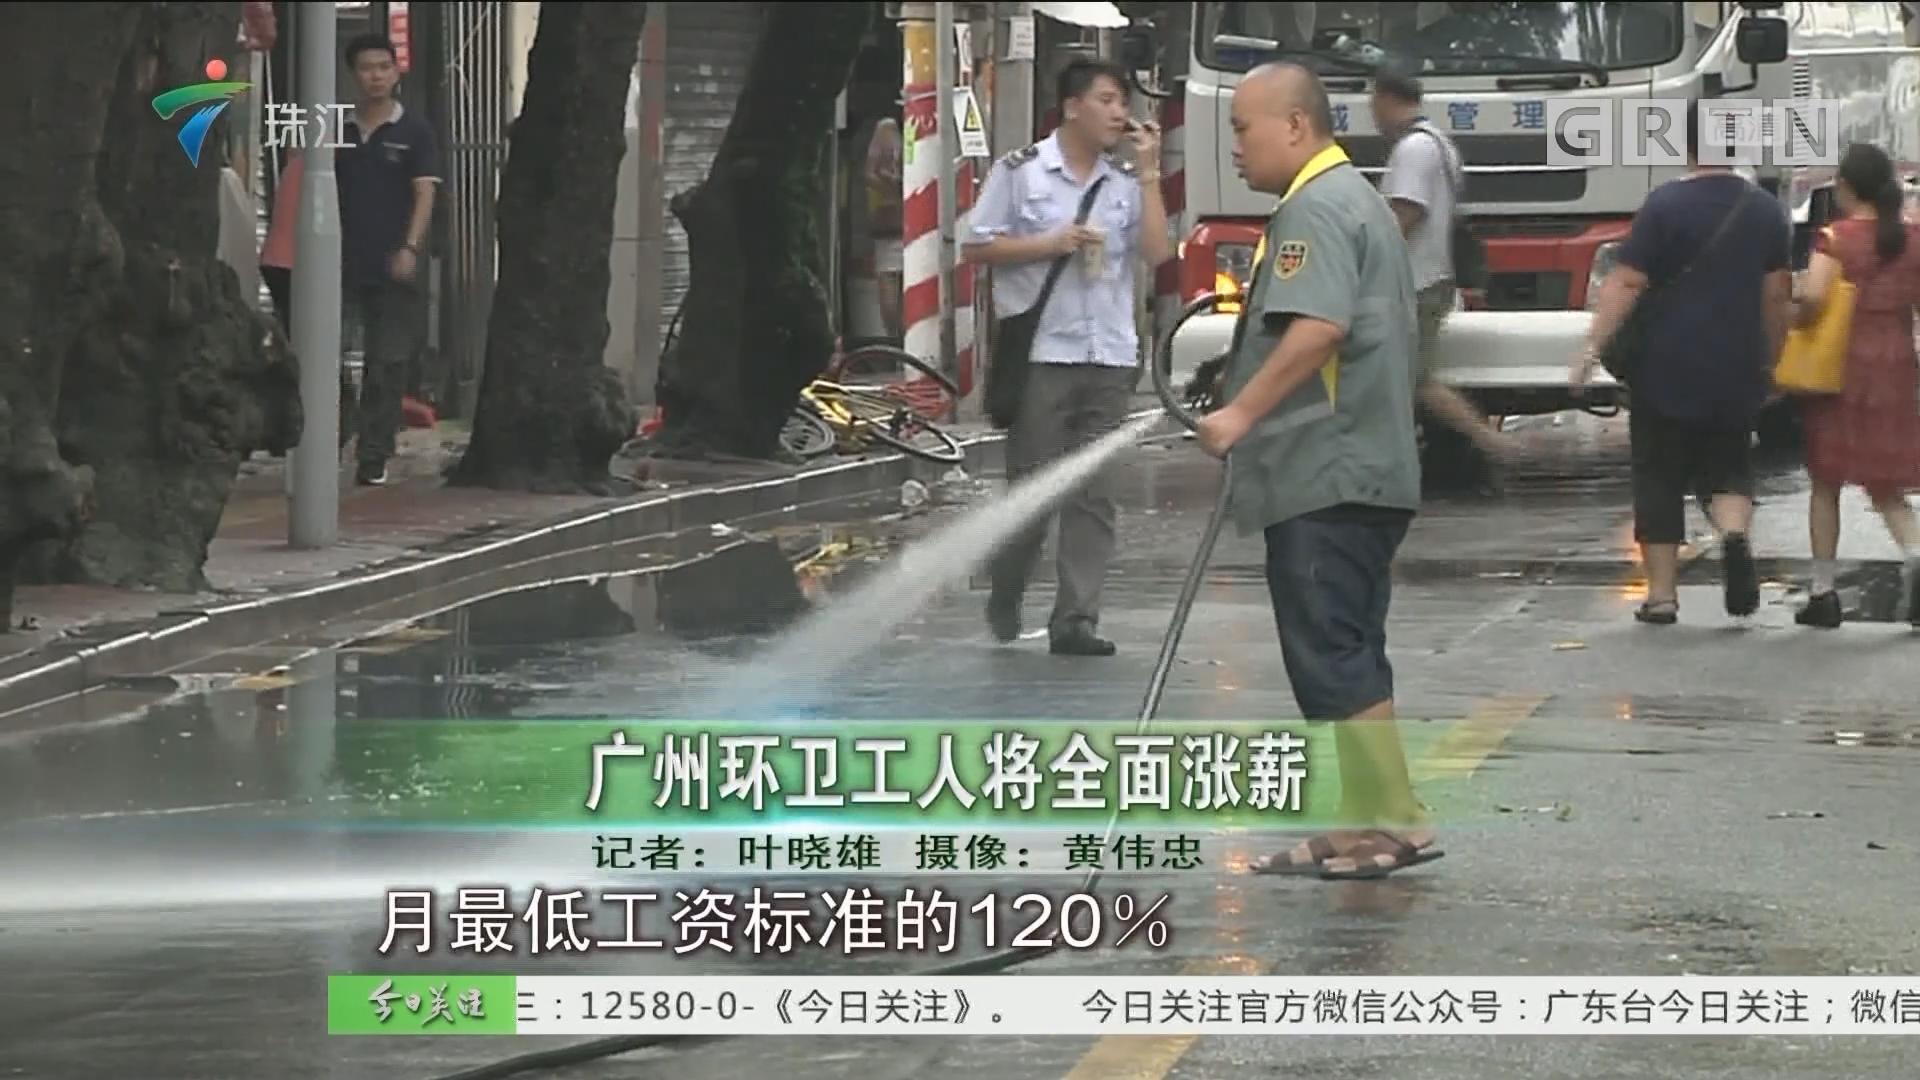 广州环卫工人将全面涨薪